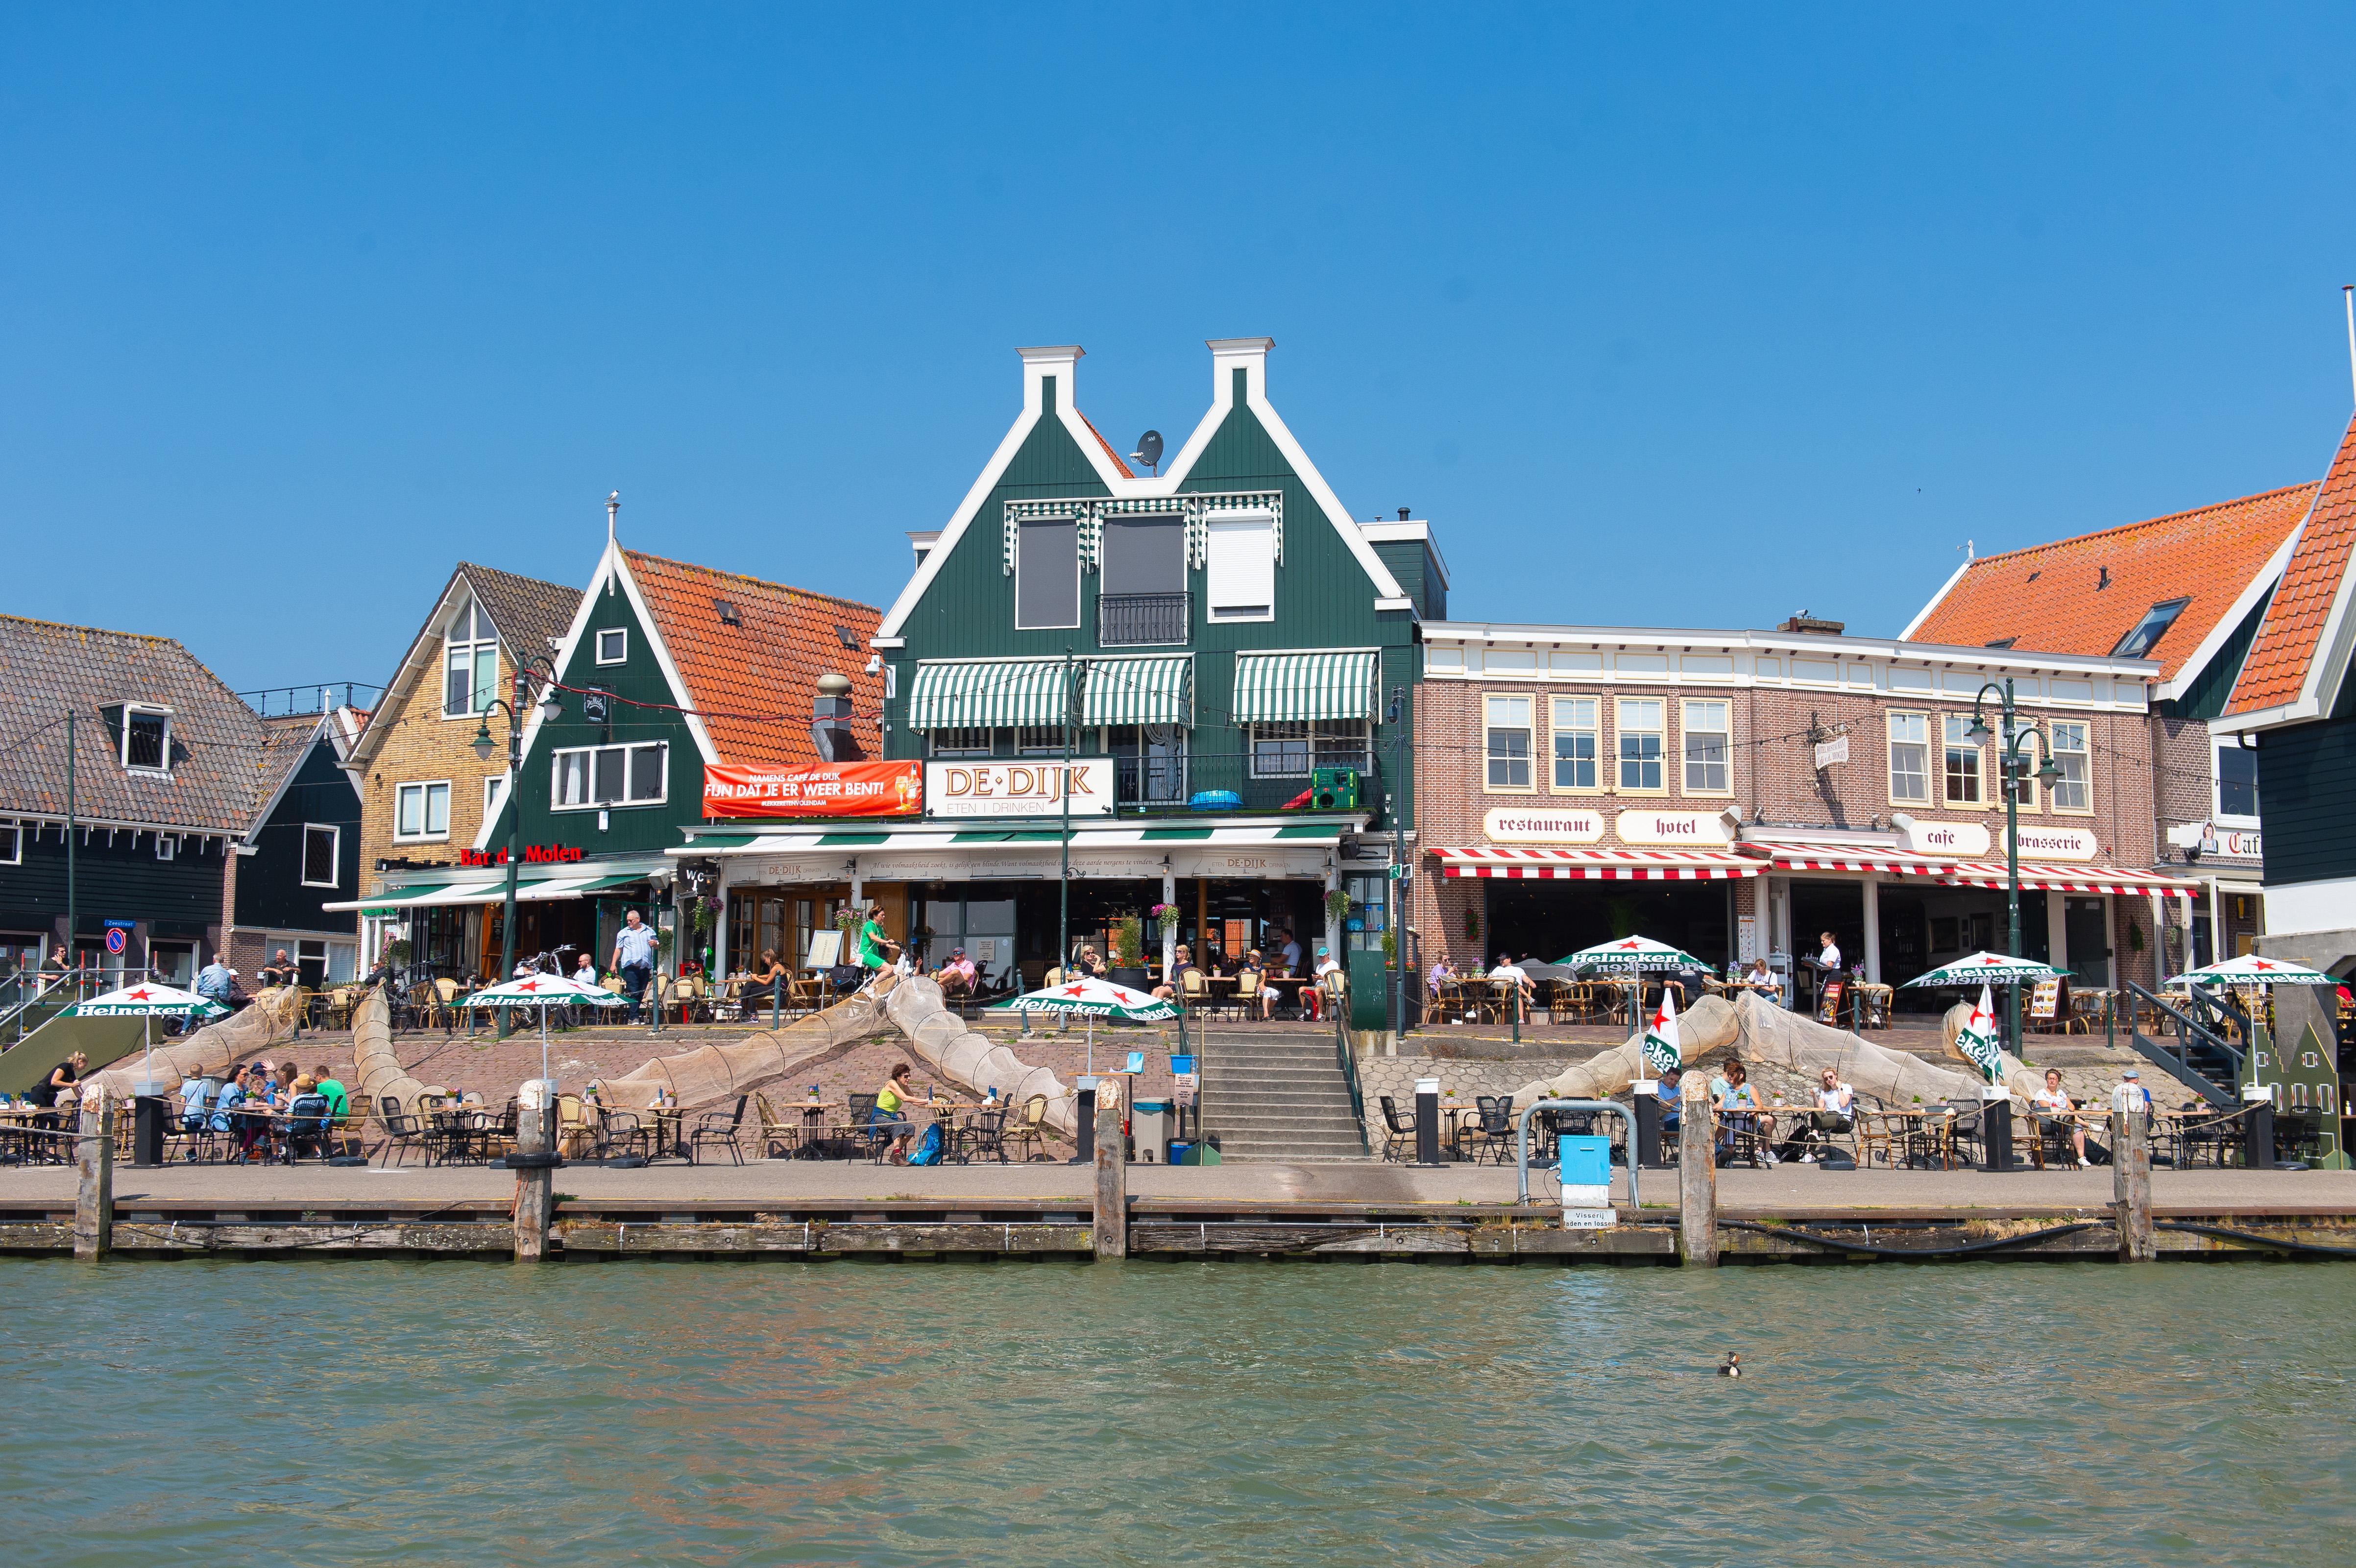 Gemeente stopt feest op feestboot 'Heen en weer' in haven Volendam. Exploitant krijgt coronaboete van 4350 euro